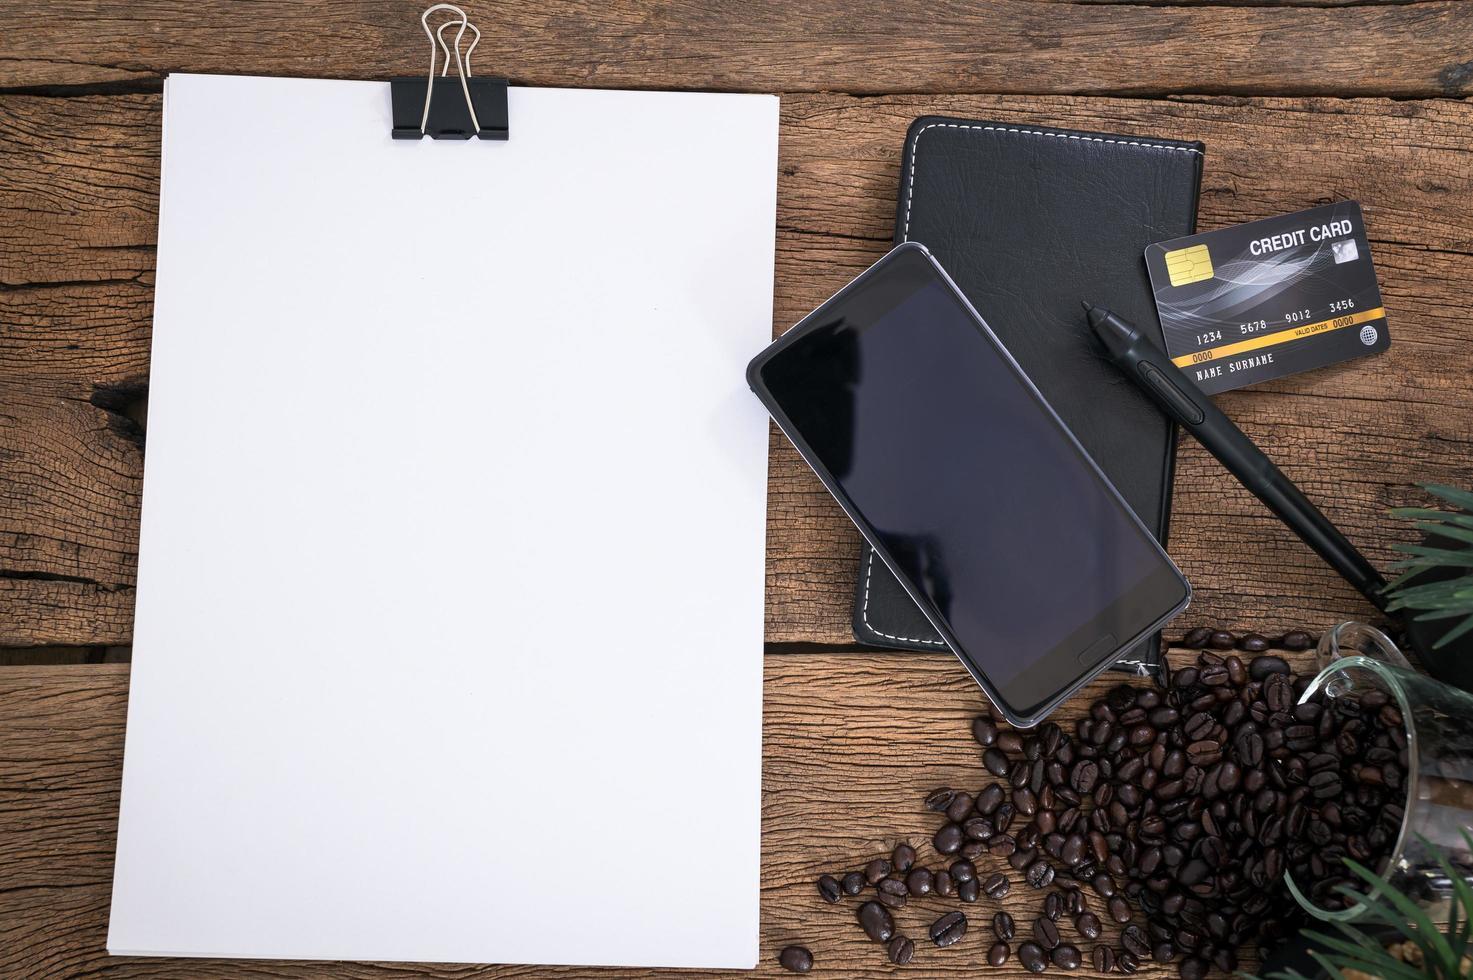 tarjeta de crédito, teléfono inteligente y papel en blanco foto